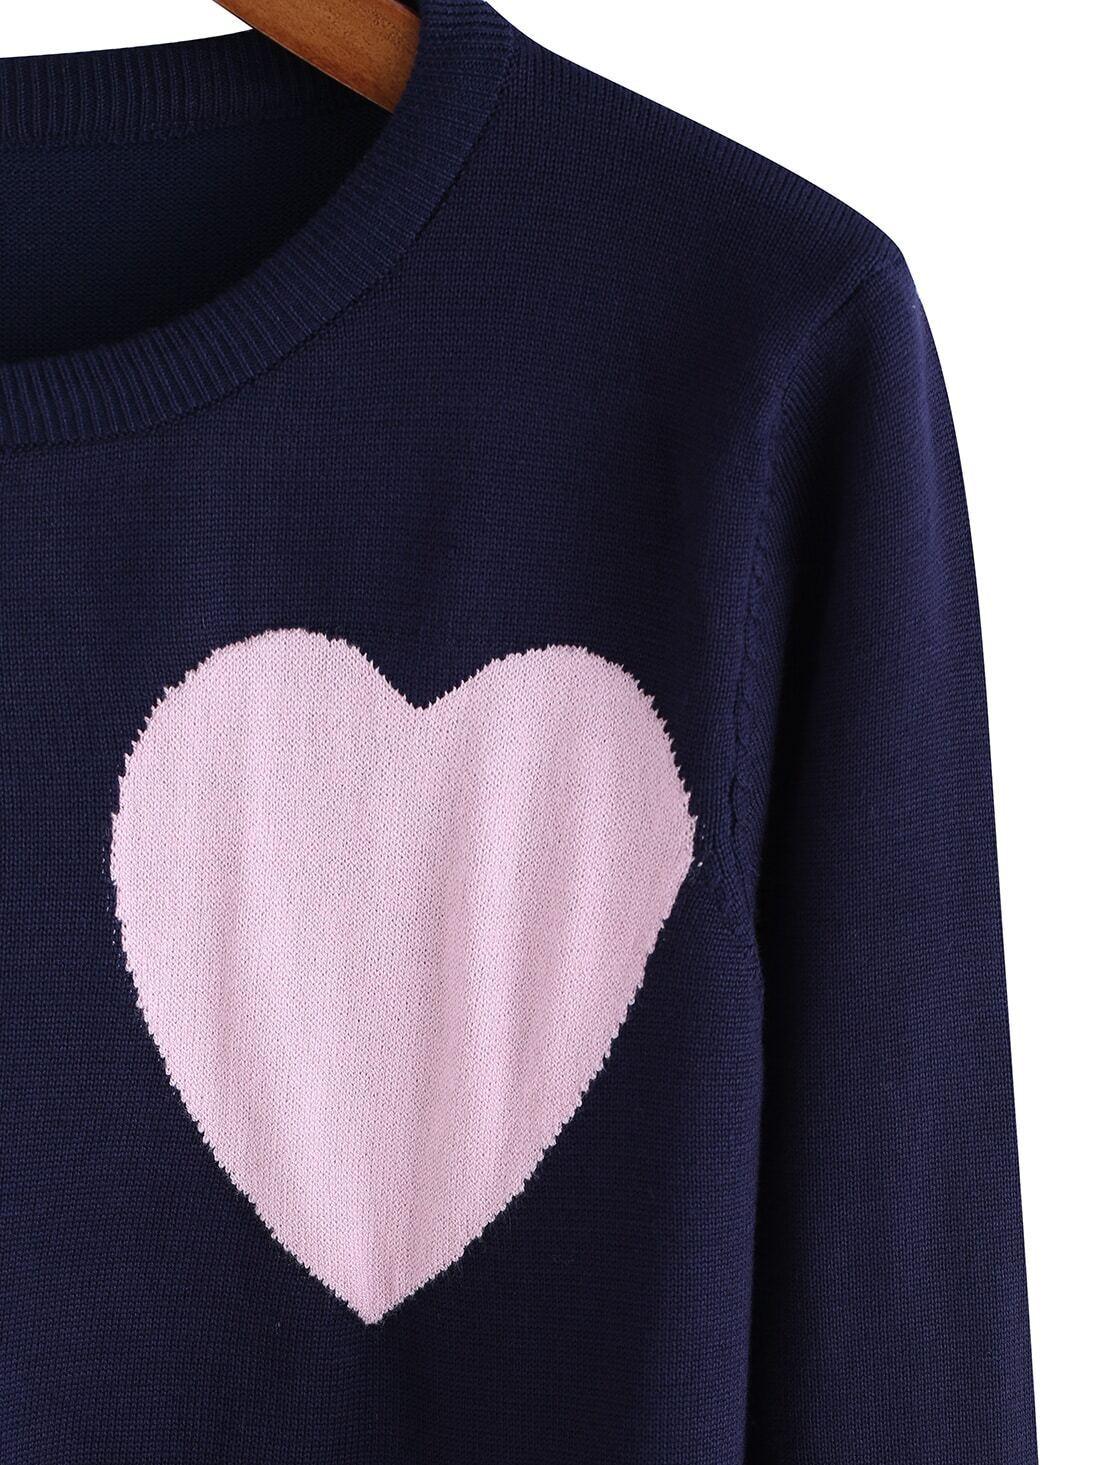 Knitting Pattern Round Neck Jumper : Blue Round Neck Heart Pattern Knit Sweater -SheIn(Sheinside)